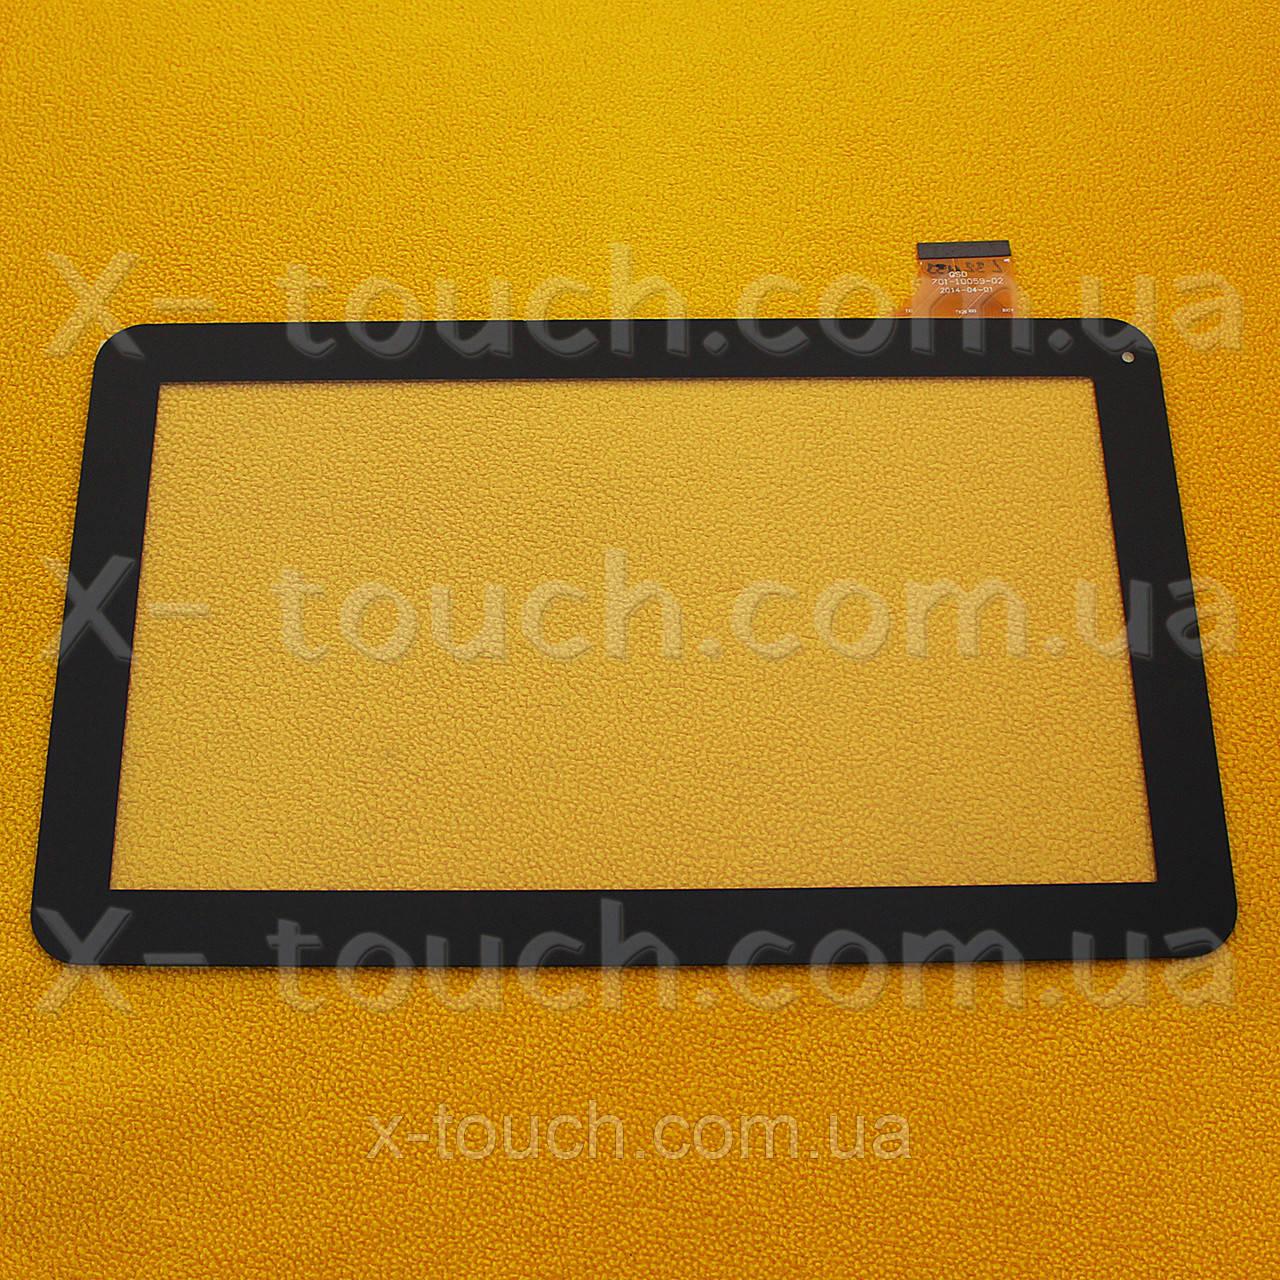 Тачскрин, сенсор ZJ-10020A FHX черный для планшета